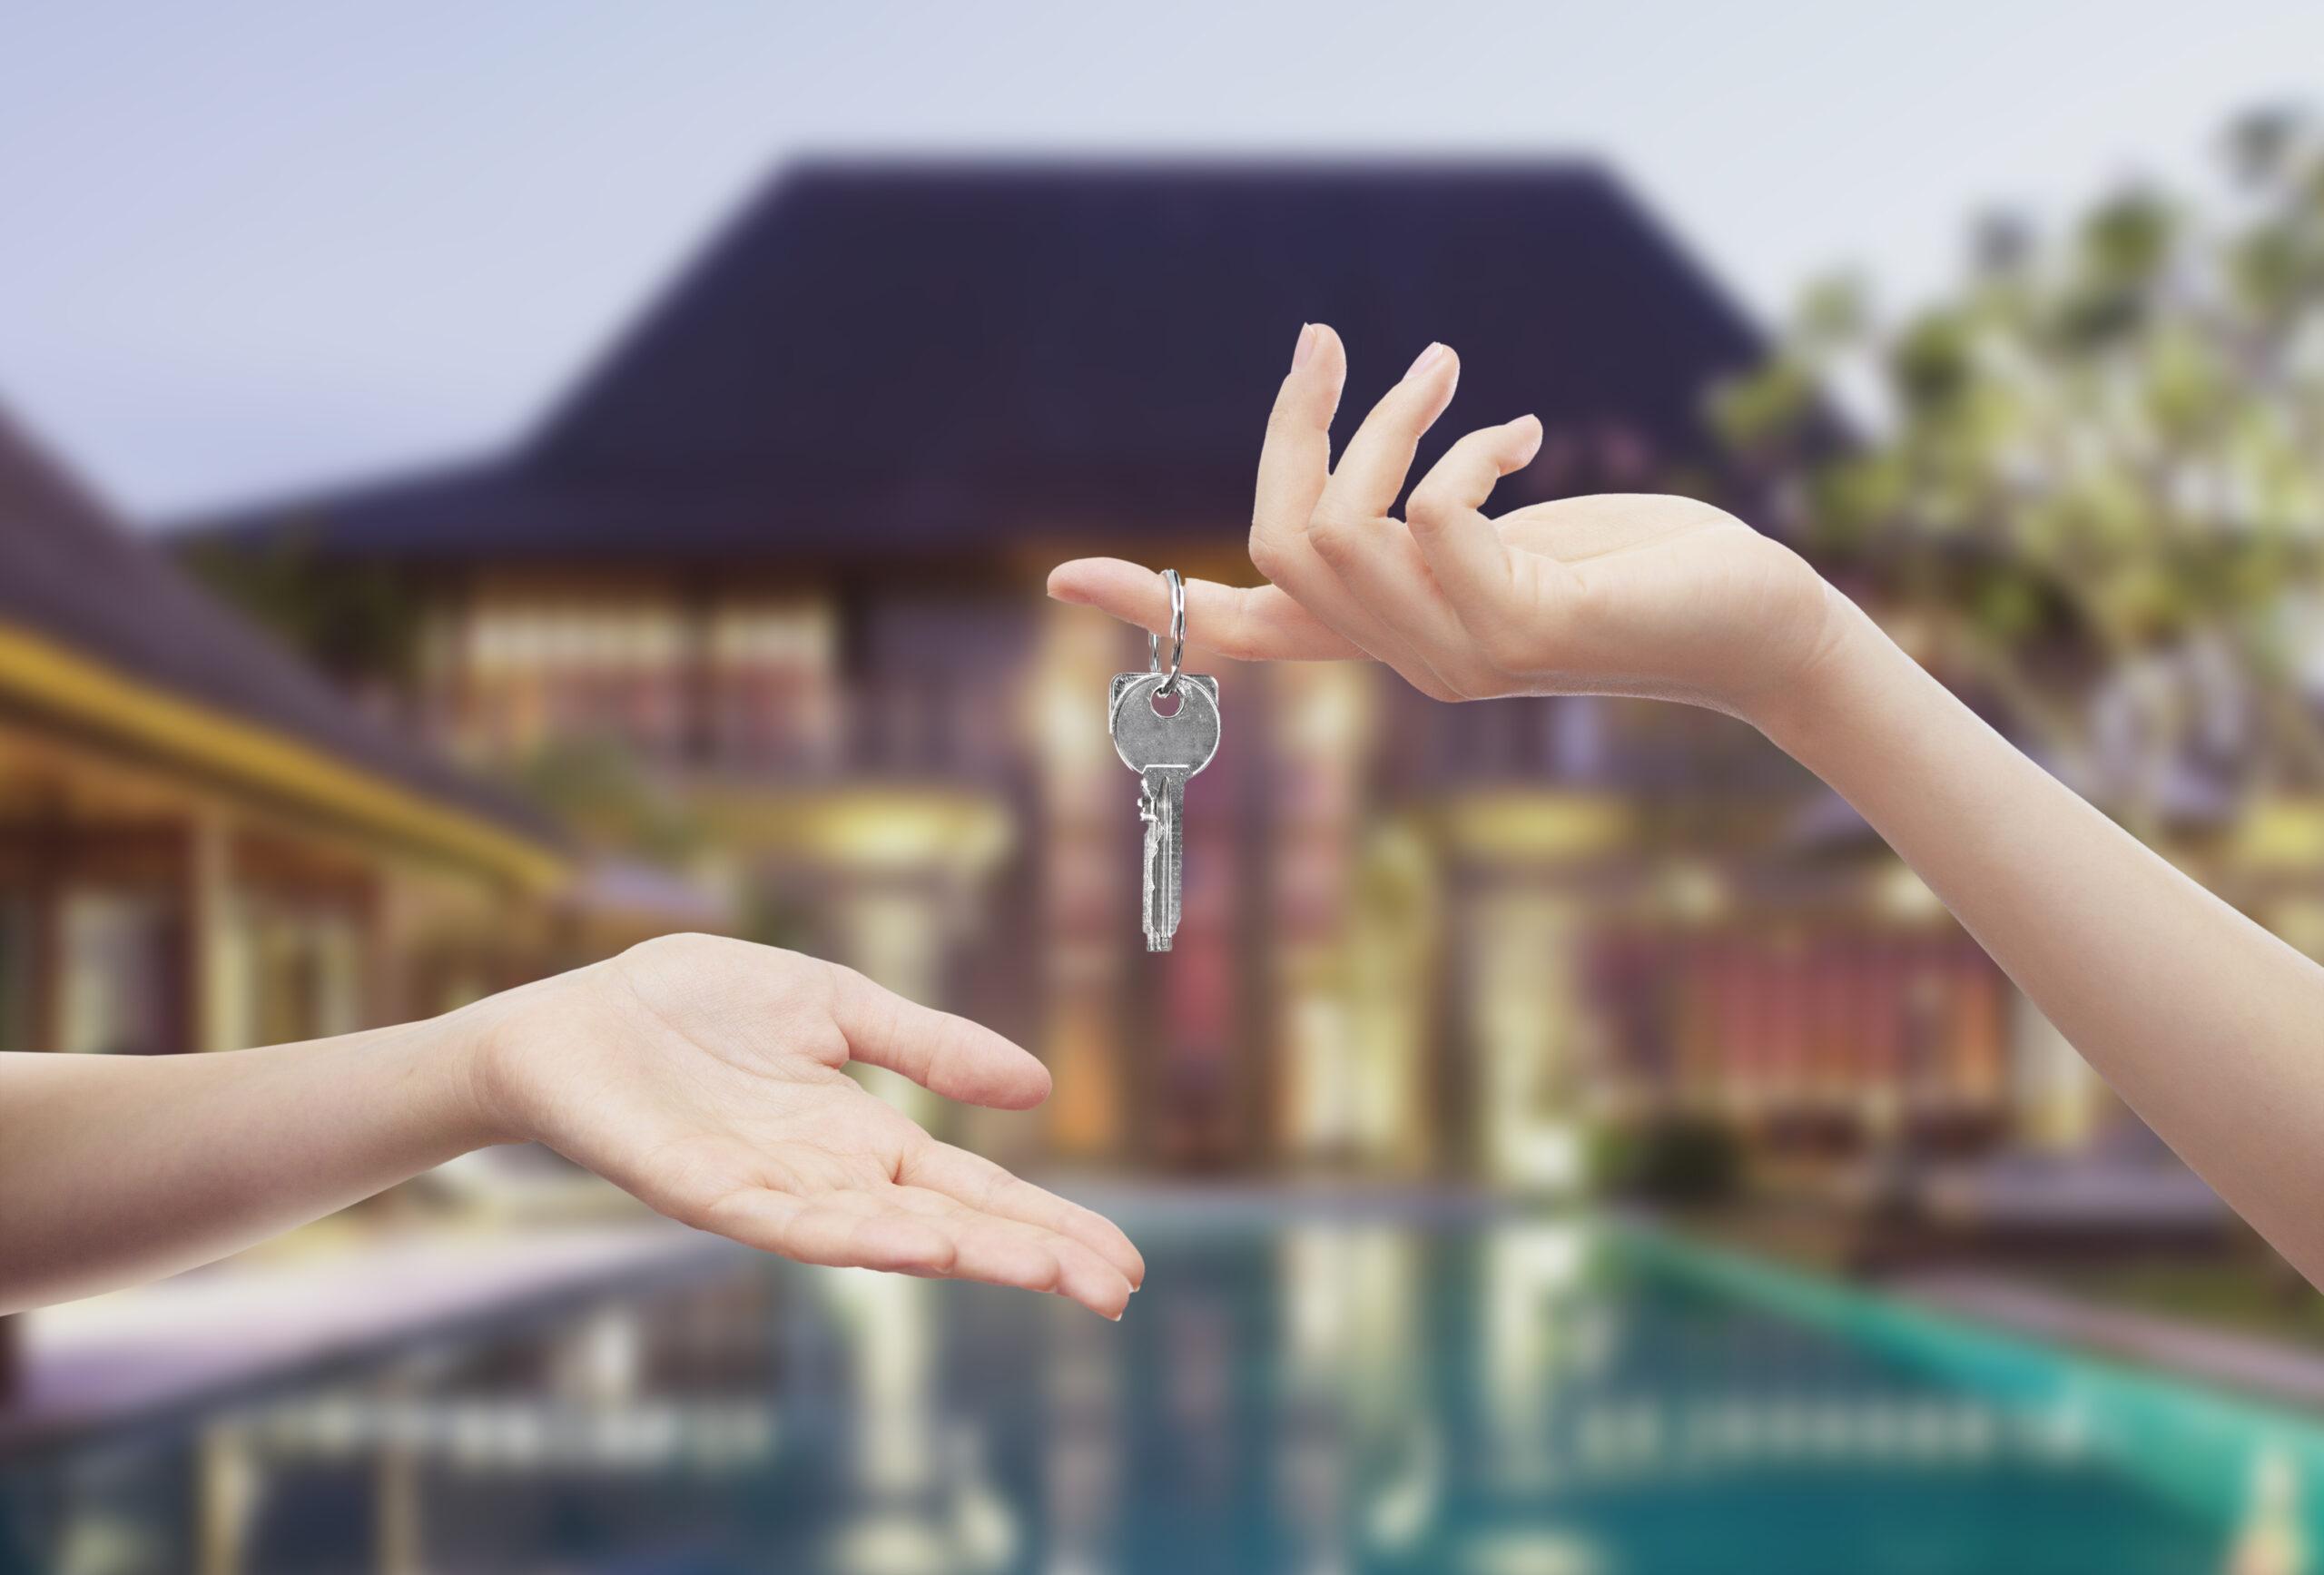 Lebenstraum: Einfamilienhaus am Stadtrand